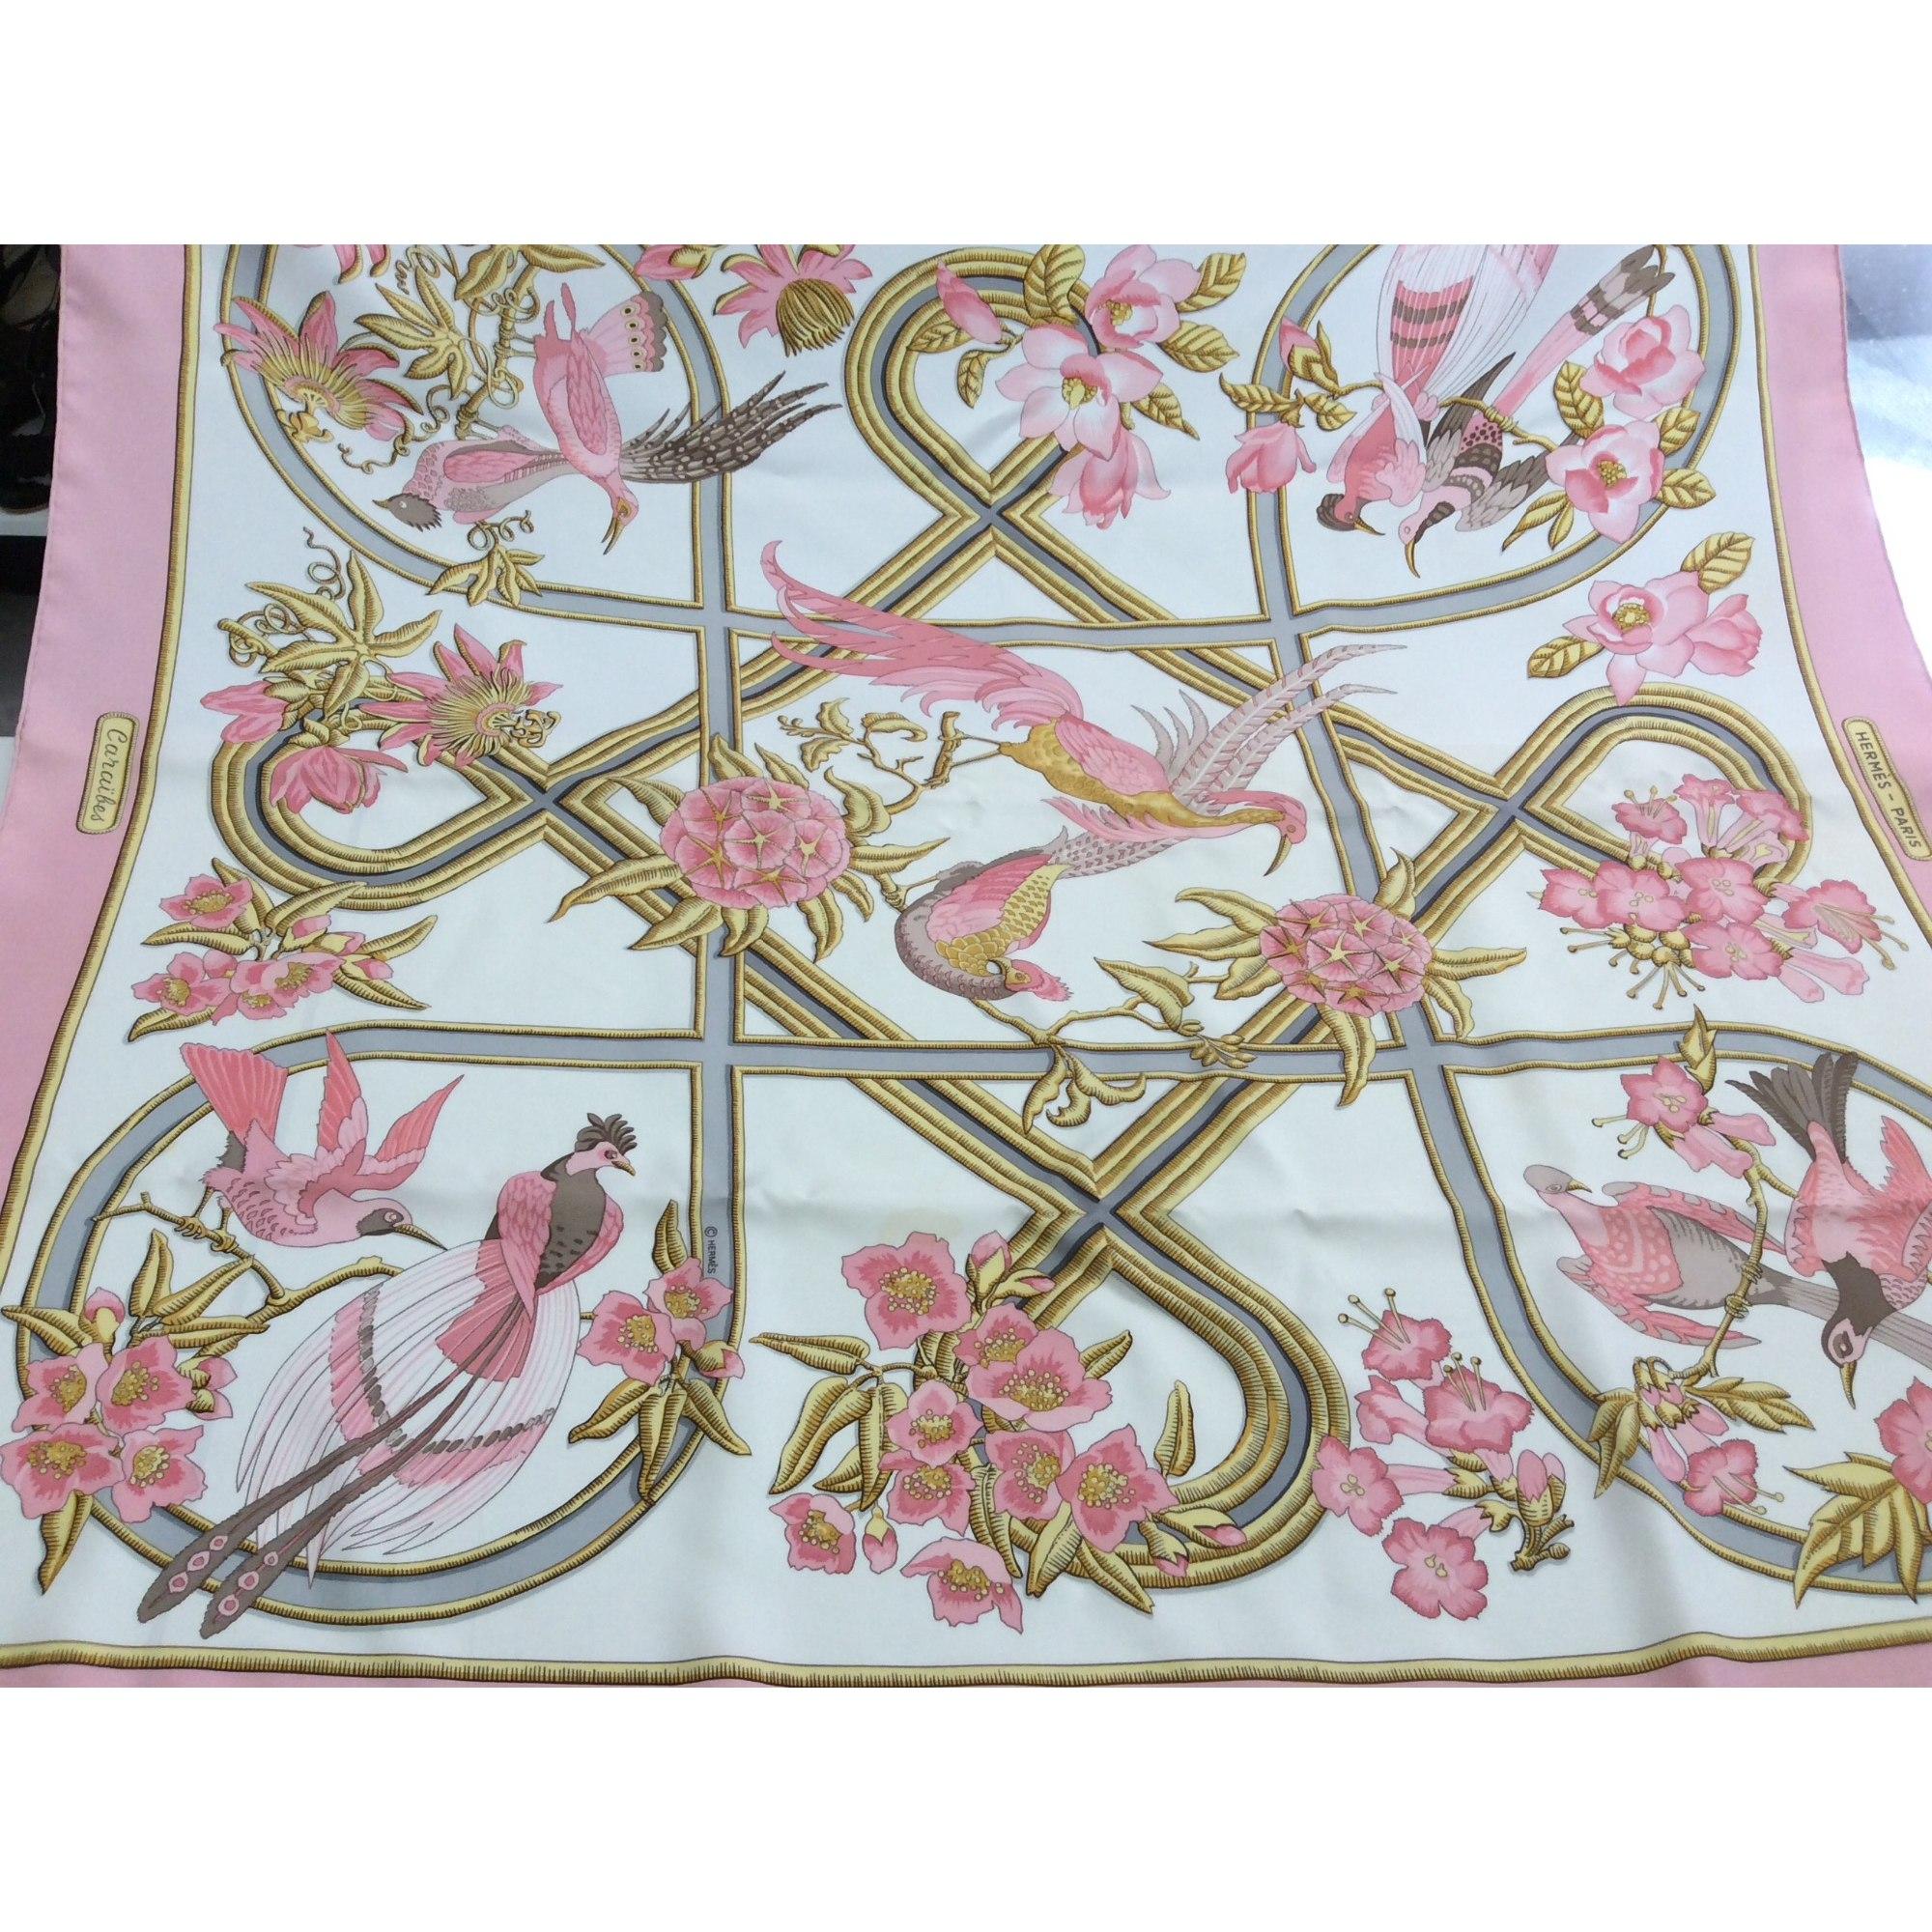 cee08c2aae Foulard HERMÈS carr rose vendu par Mpcv - 7822183